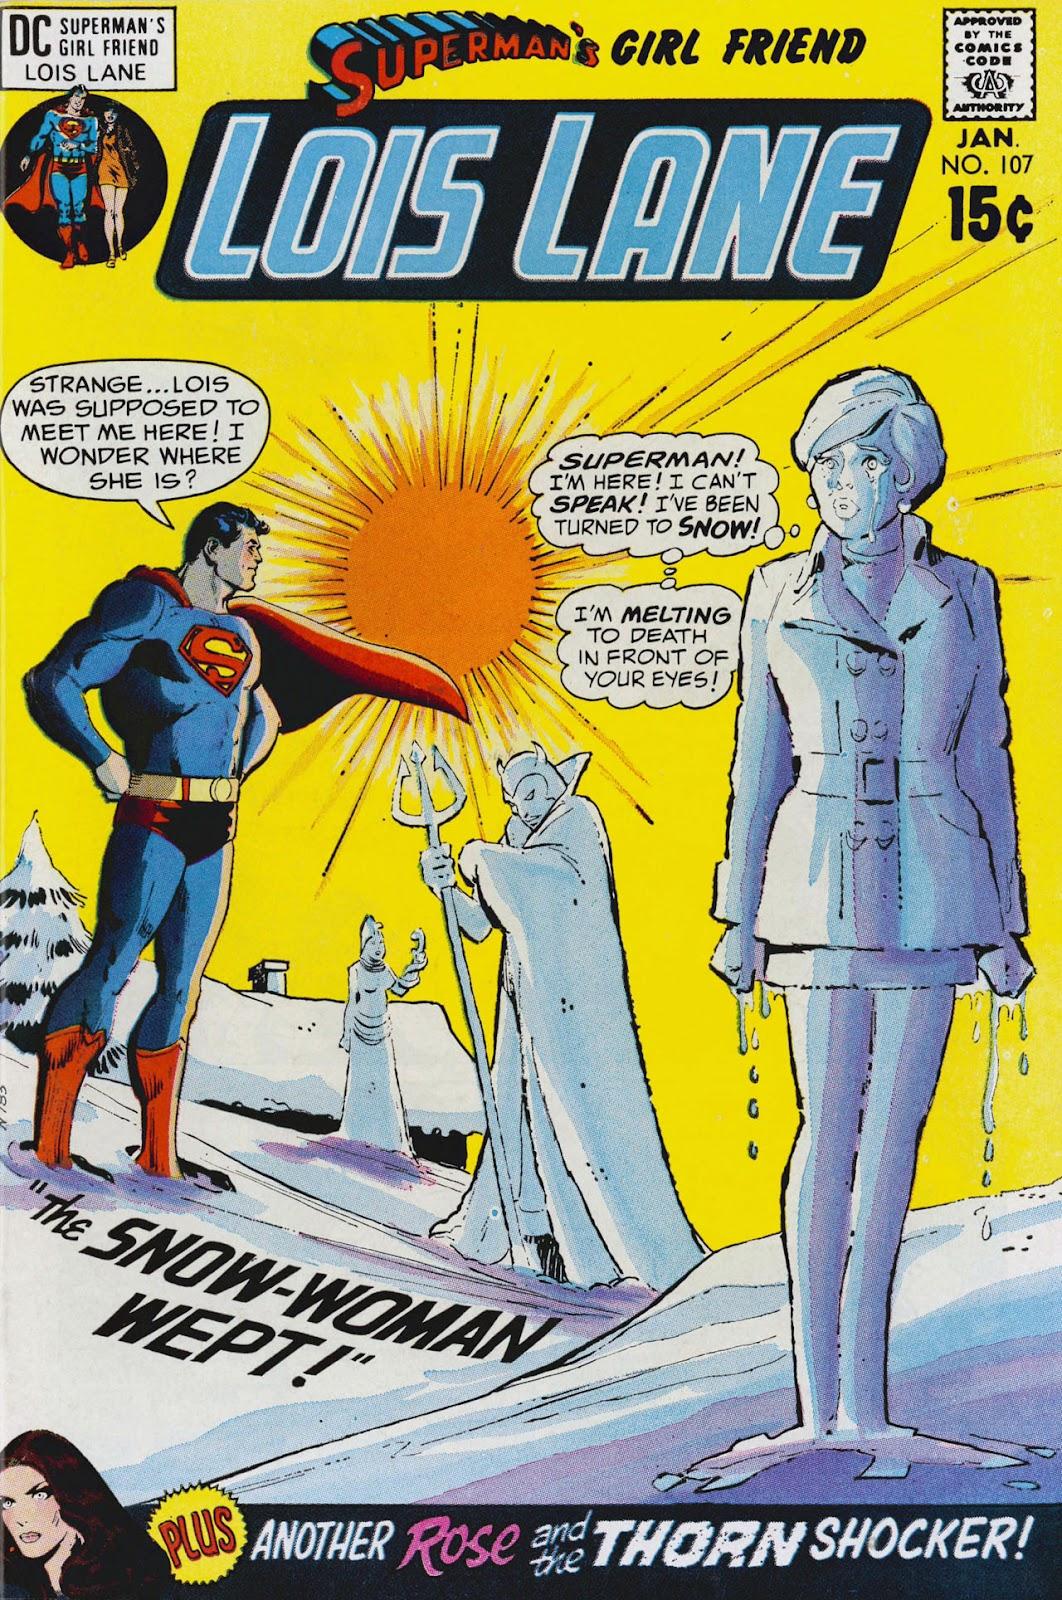 Supermans Girl Friend, Lois Lane 107 Page 1